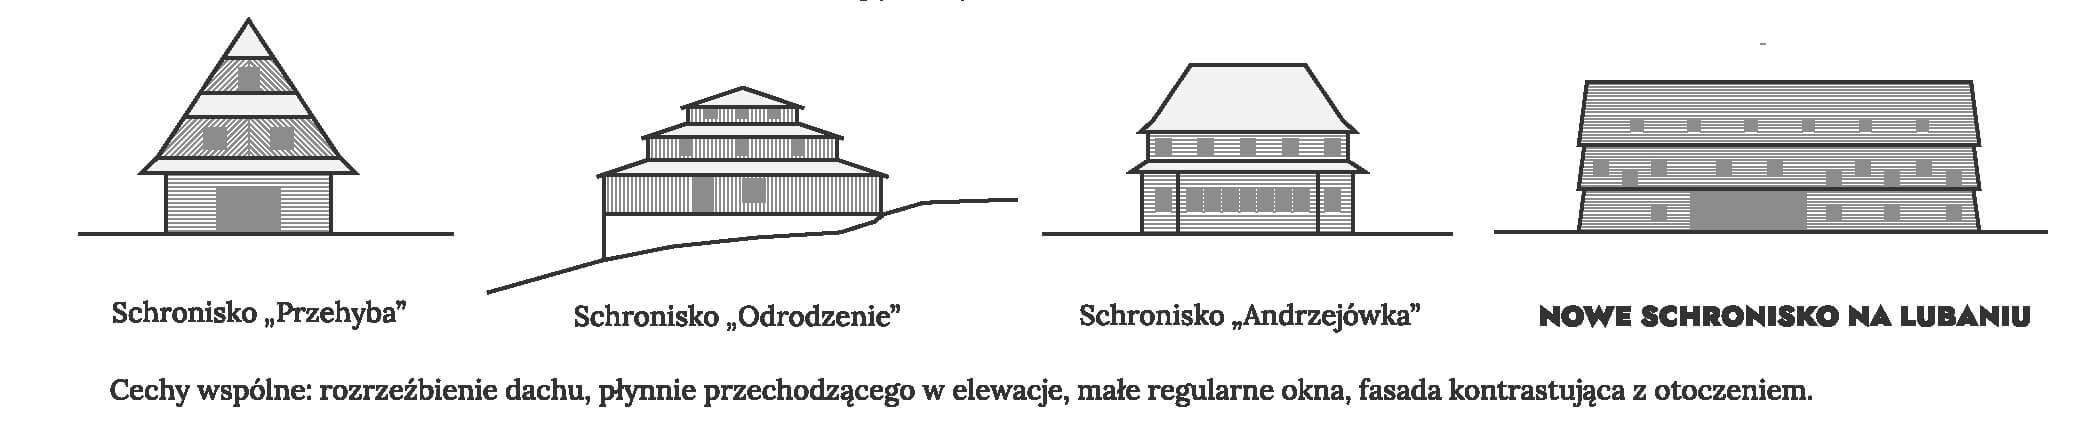 schronisko_schemat